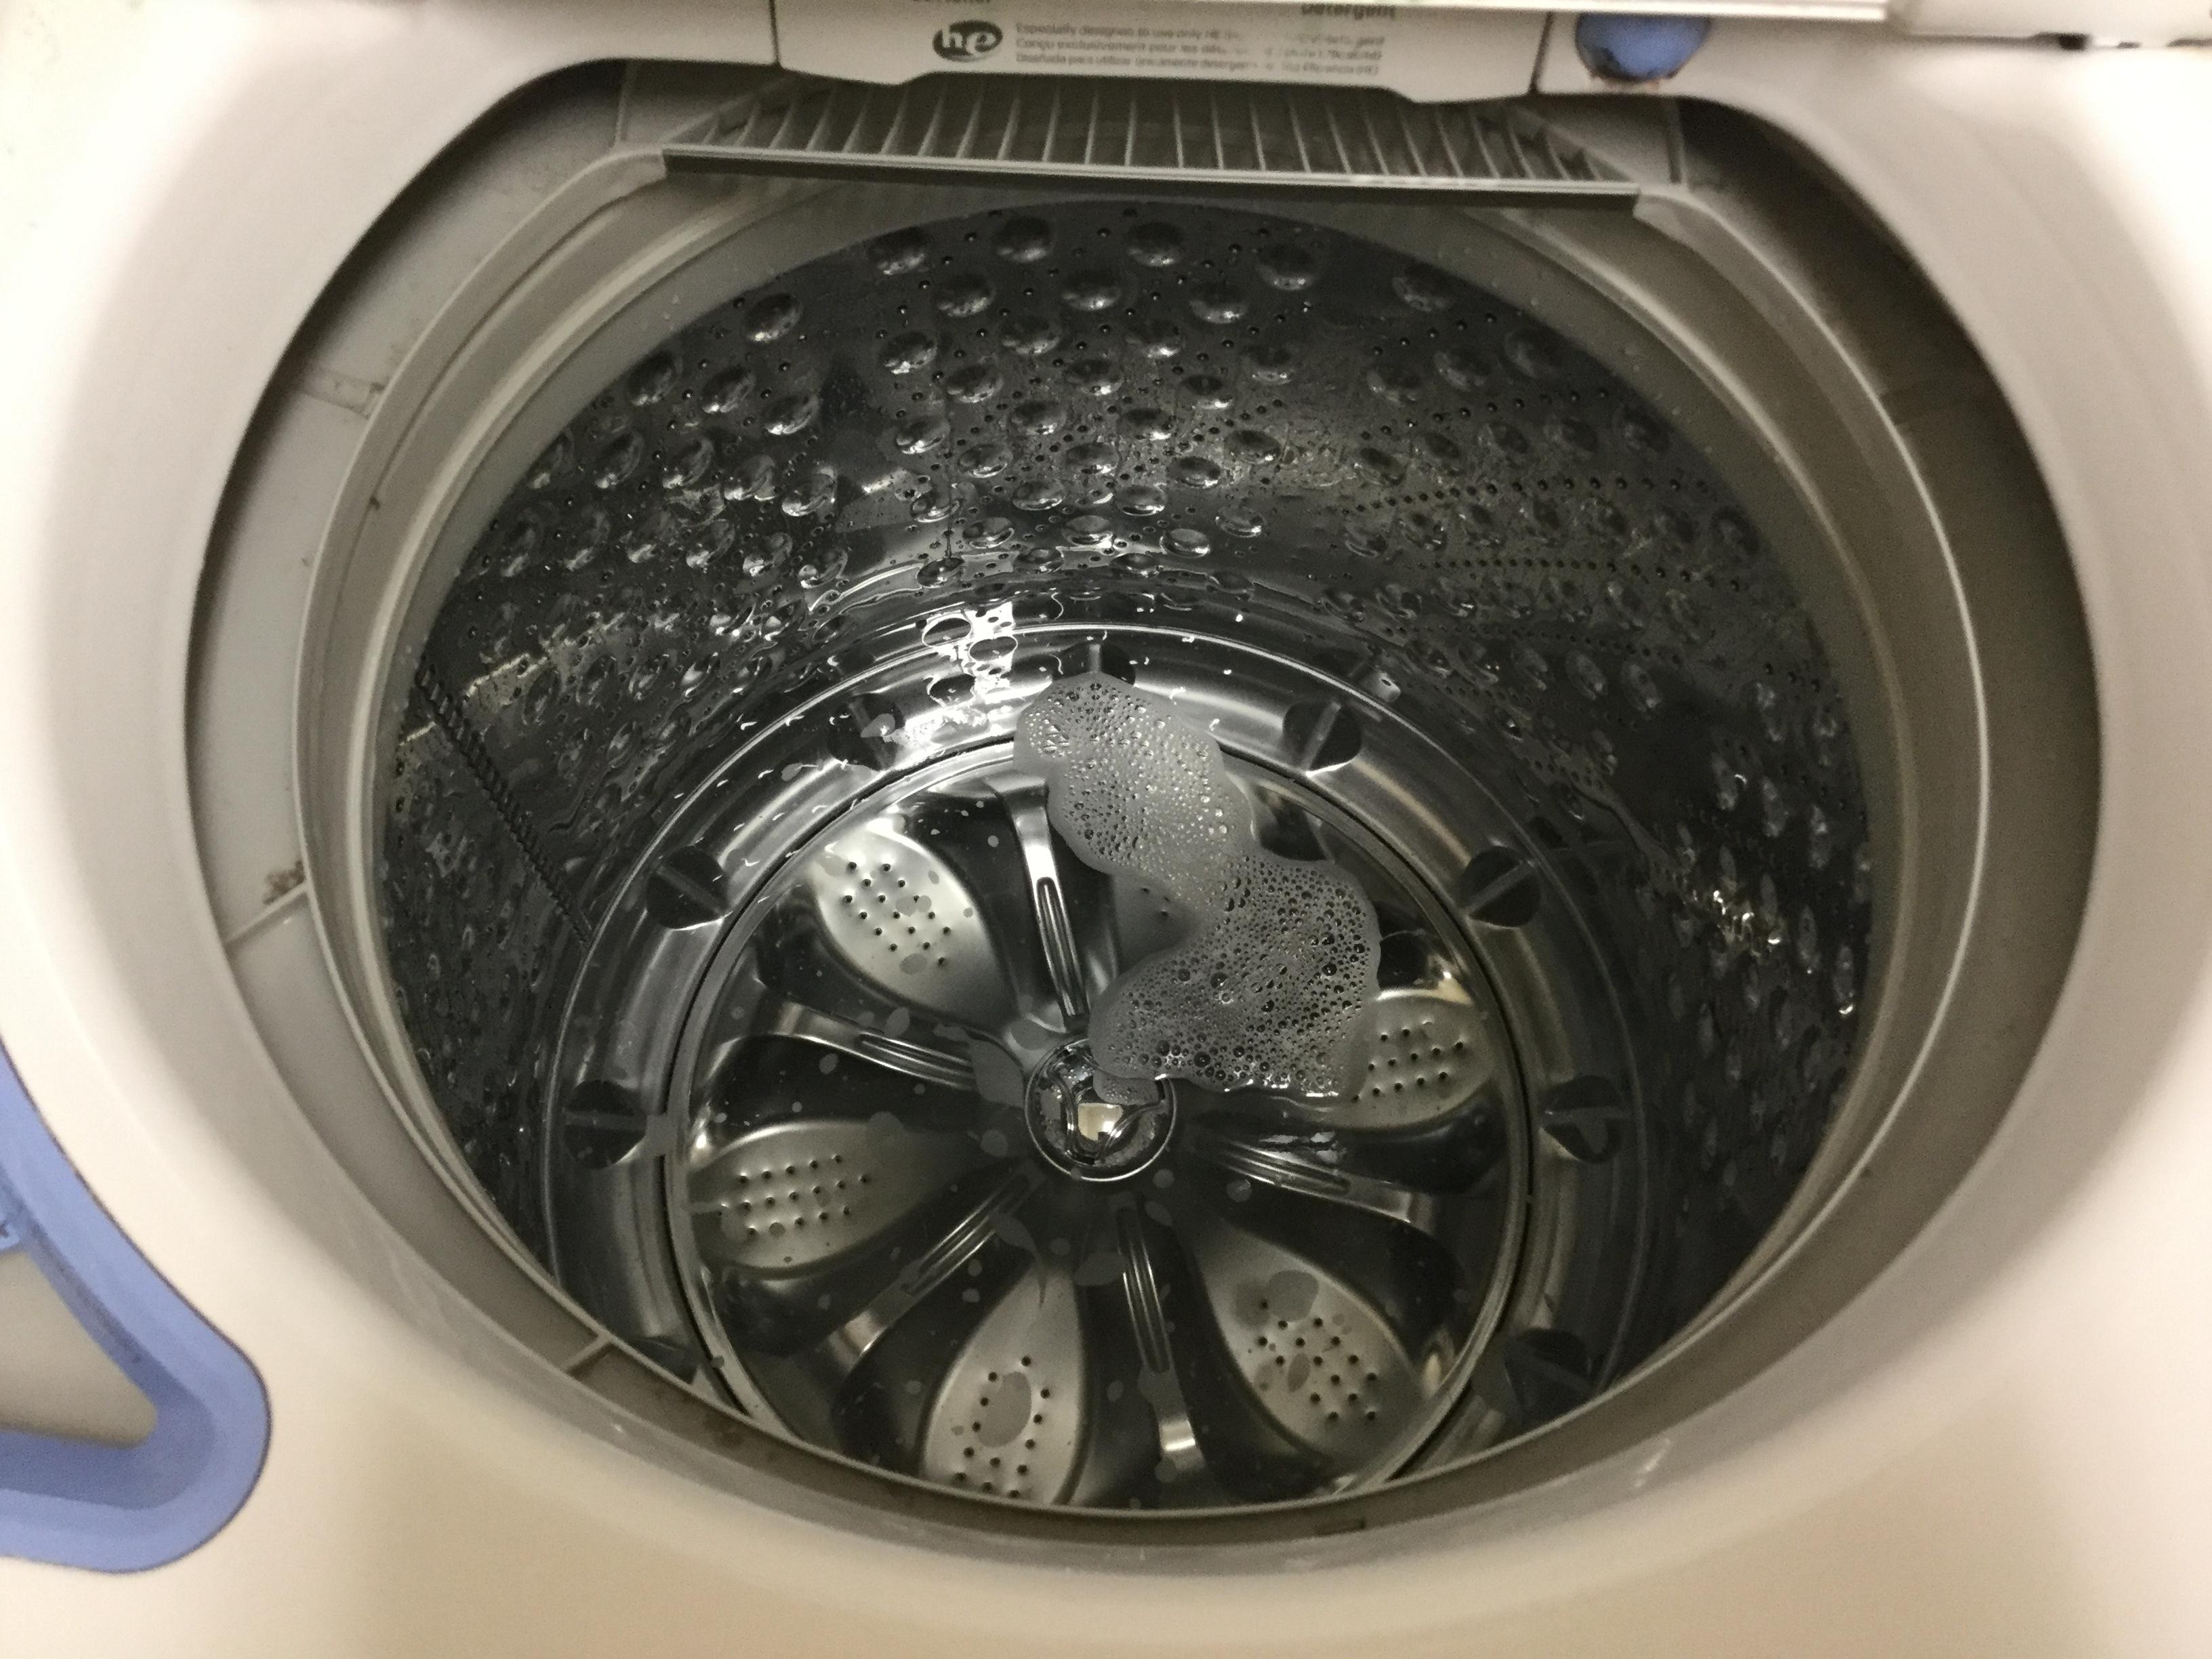 Raleigh Washing Machine Repair